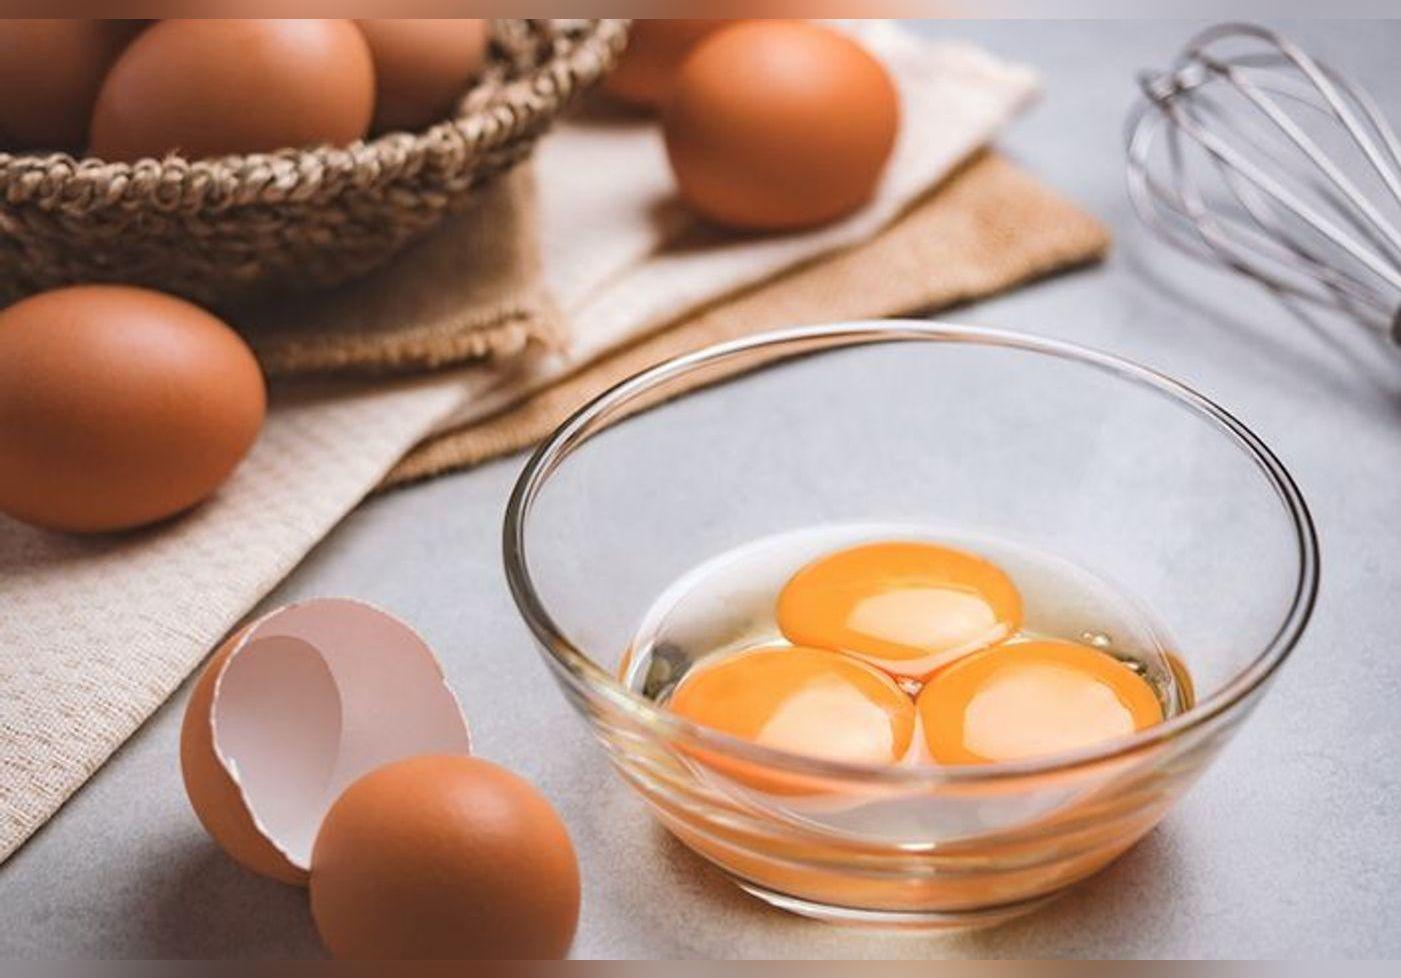 Cette astuce ultime pour casser un œuf crée le buzz… Elle évite d'avoir des morceaux de coque dans le blanc et le jaune